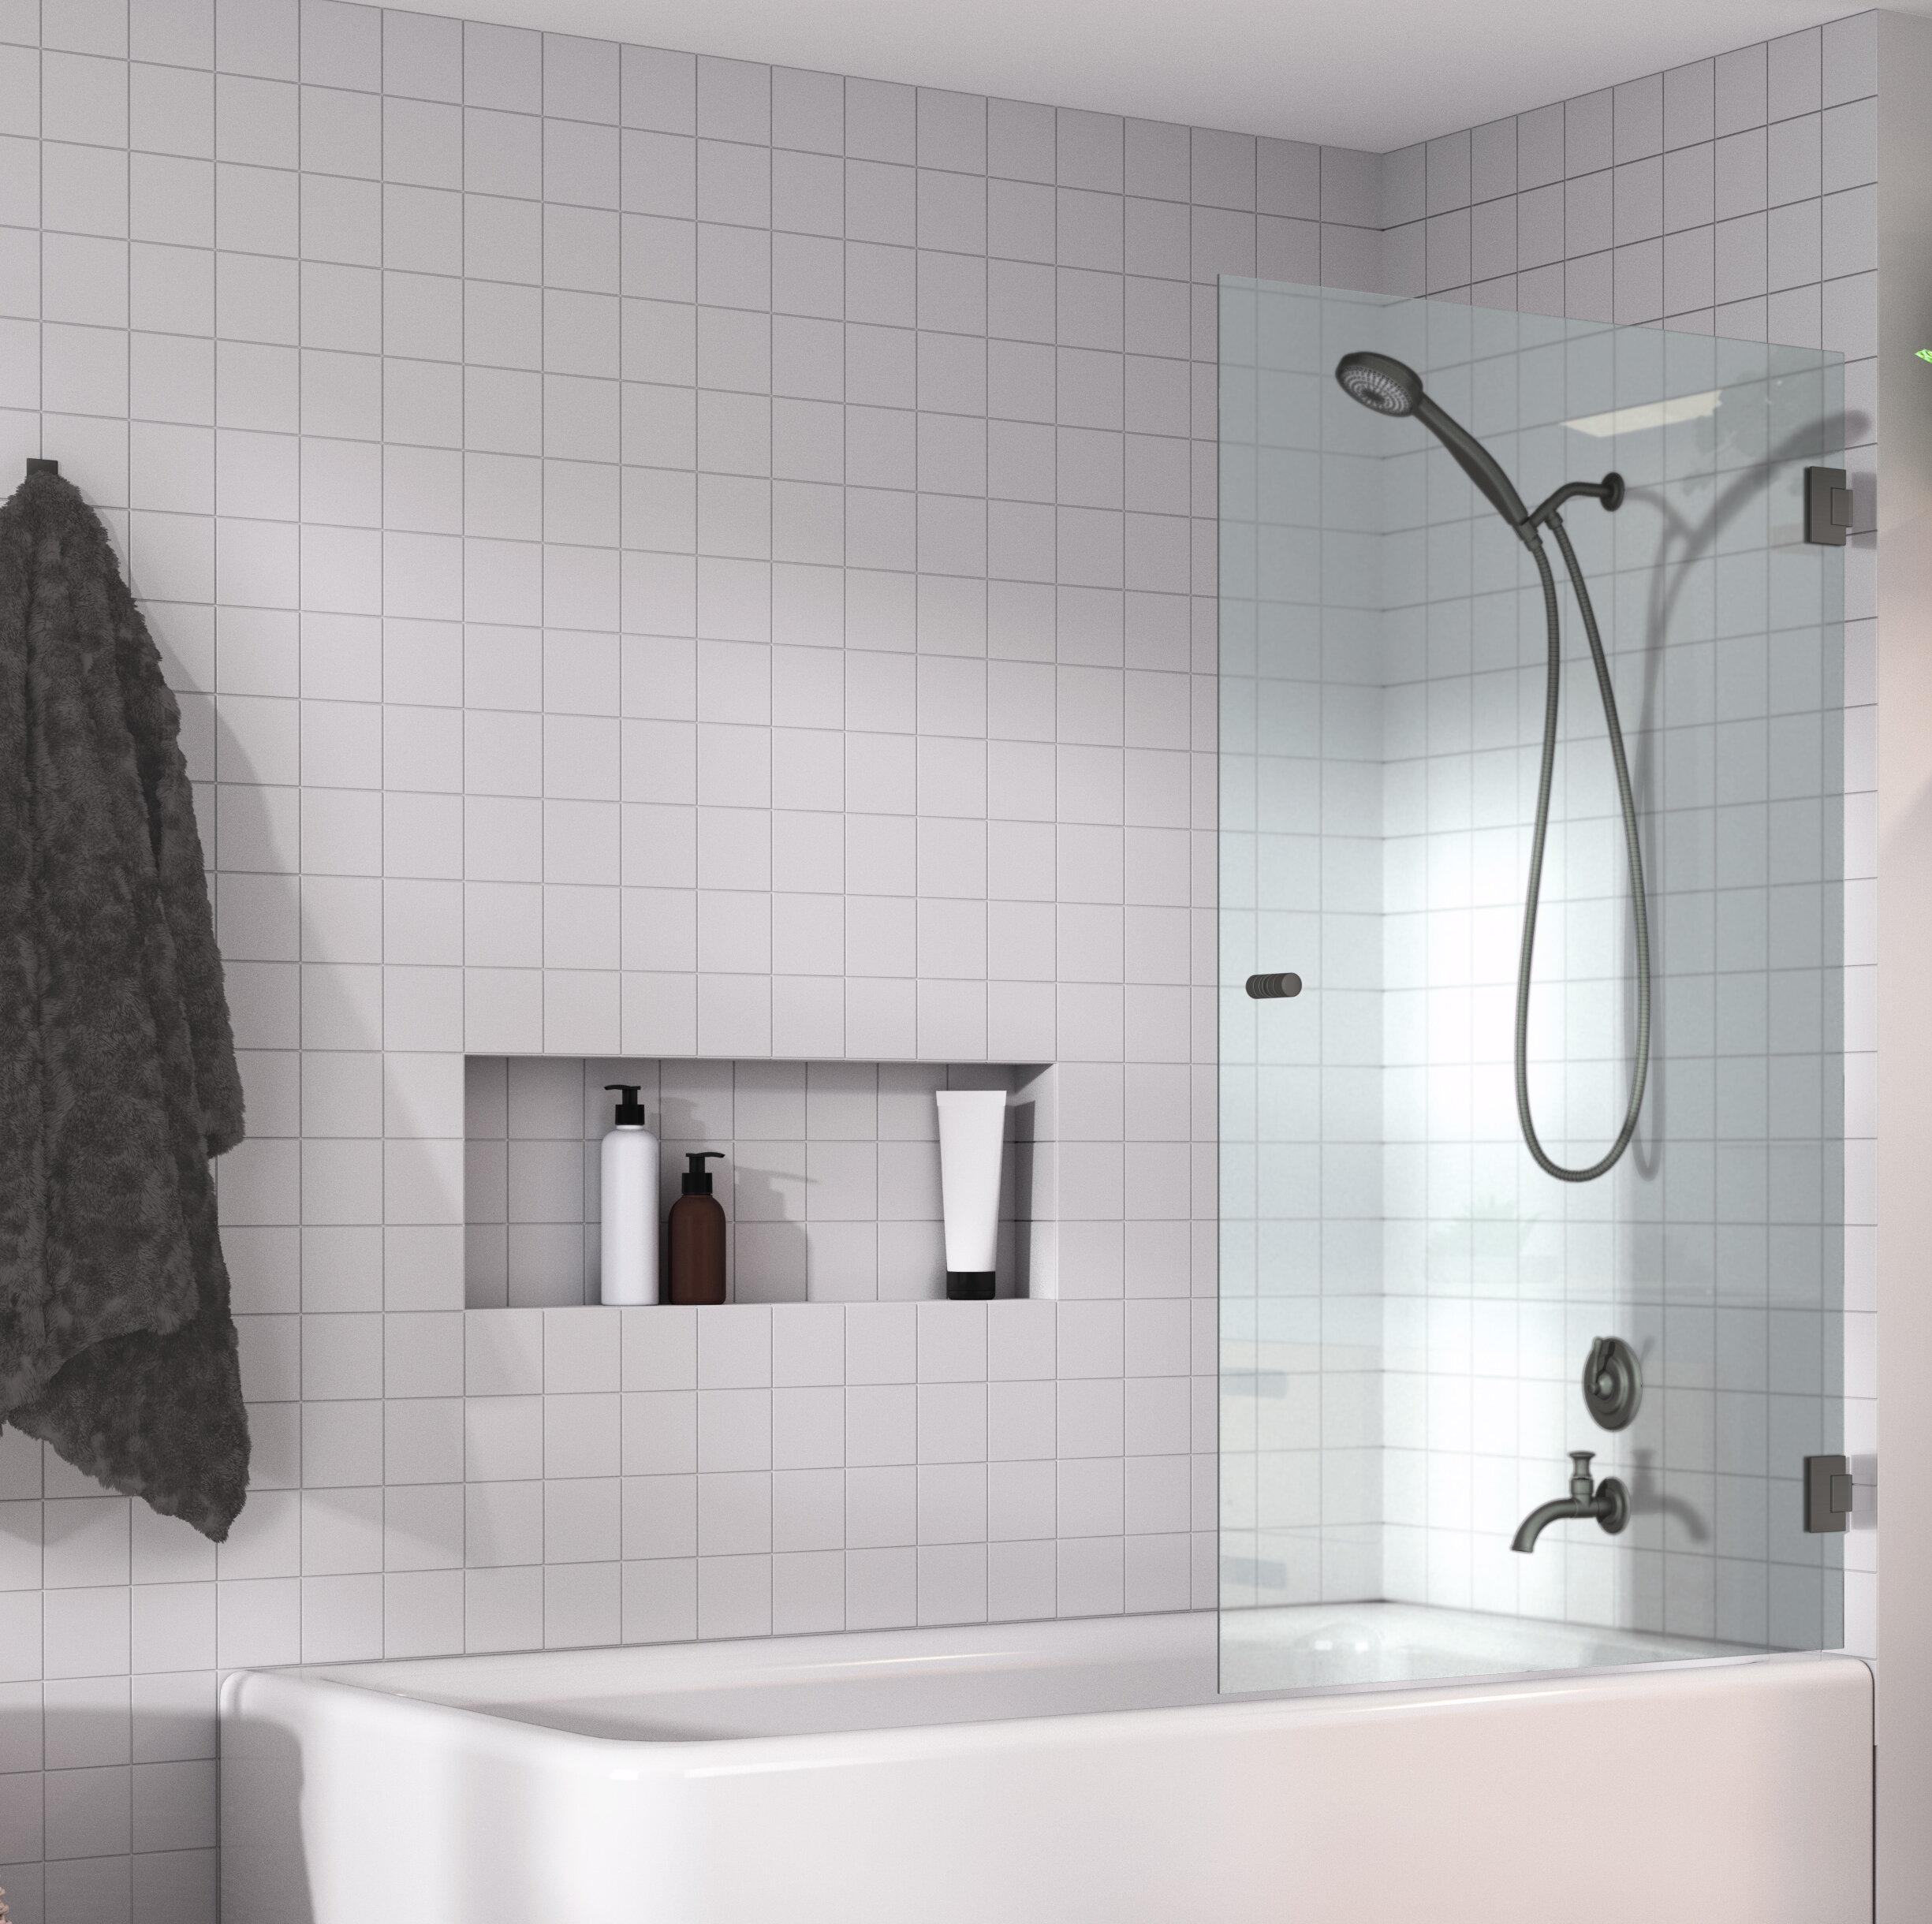 32 X 58 Hinged Frameless Shower Door